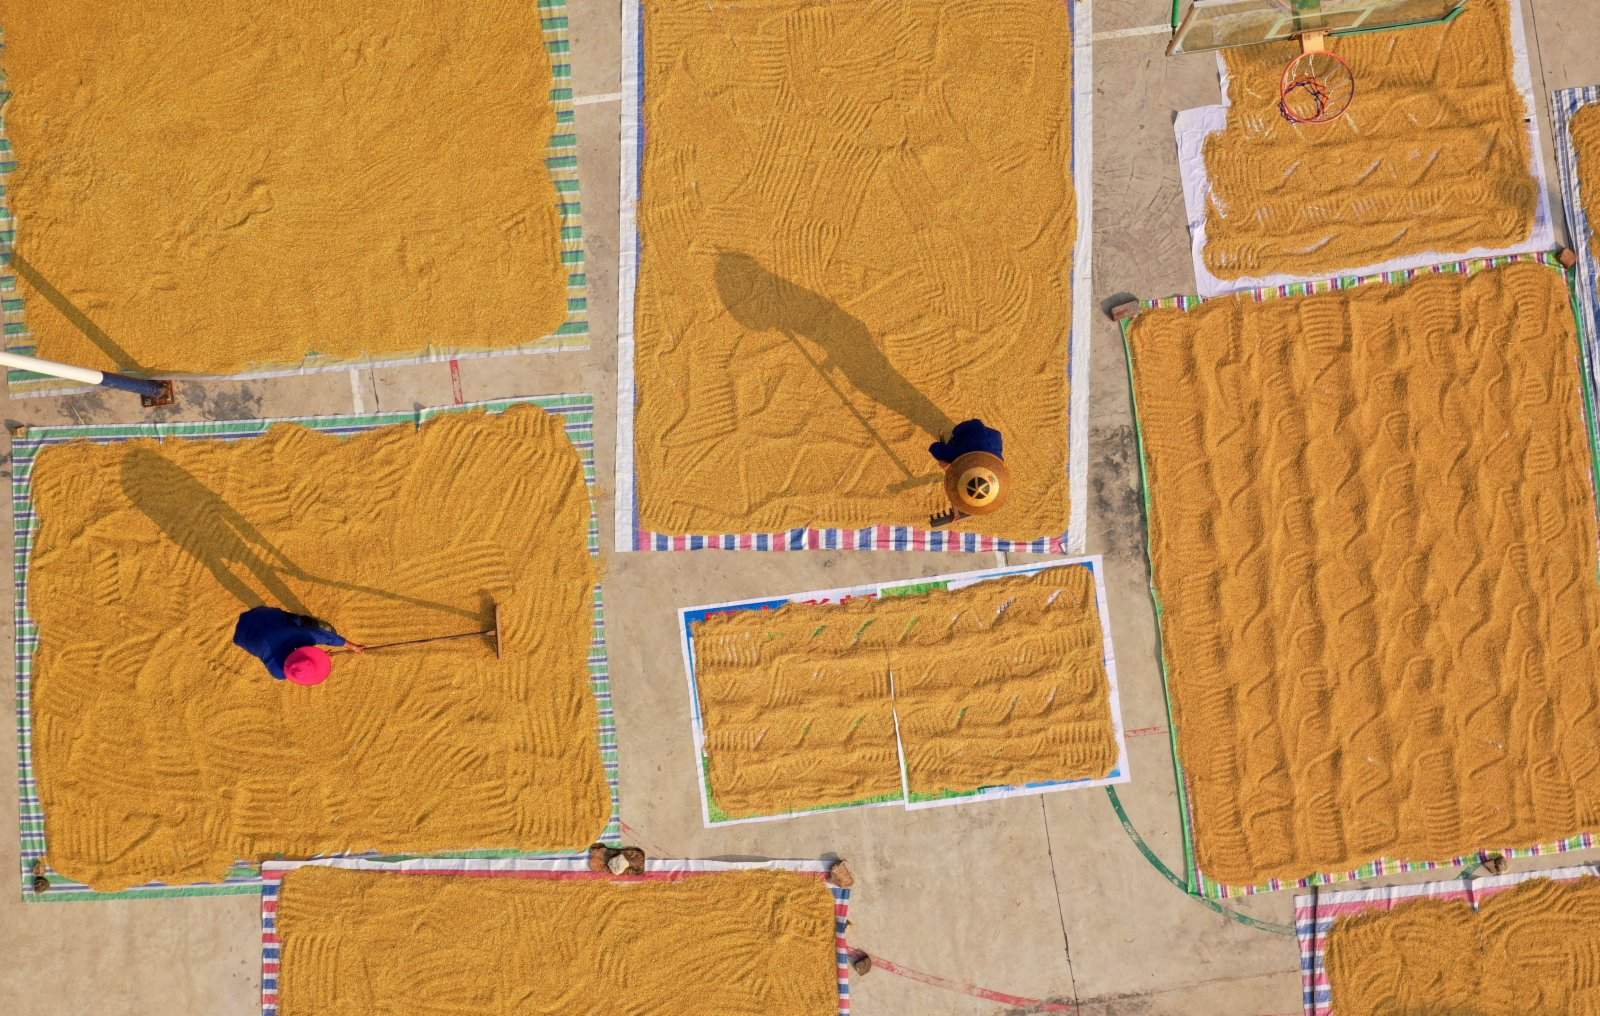 9月14日,在三江侗族自治縣同樂苗族鄉高武村,村民晾曬稻穀。